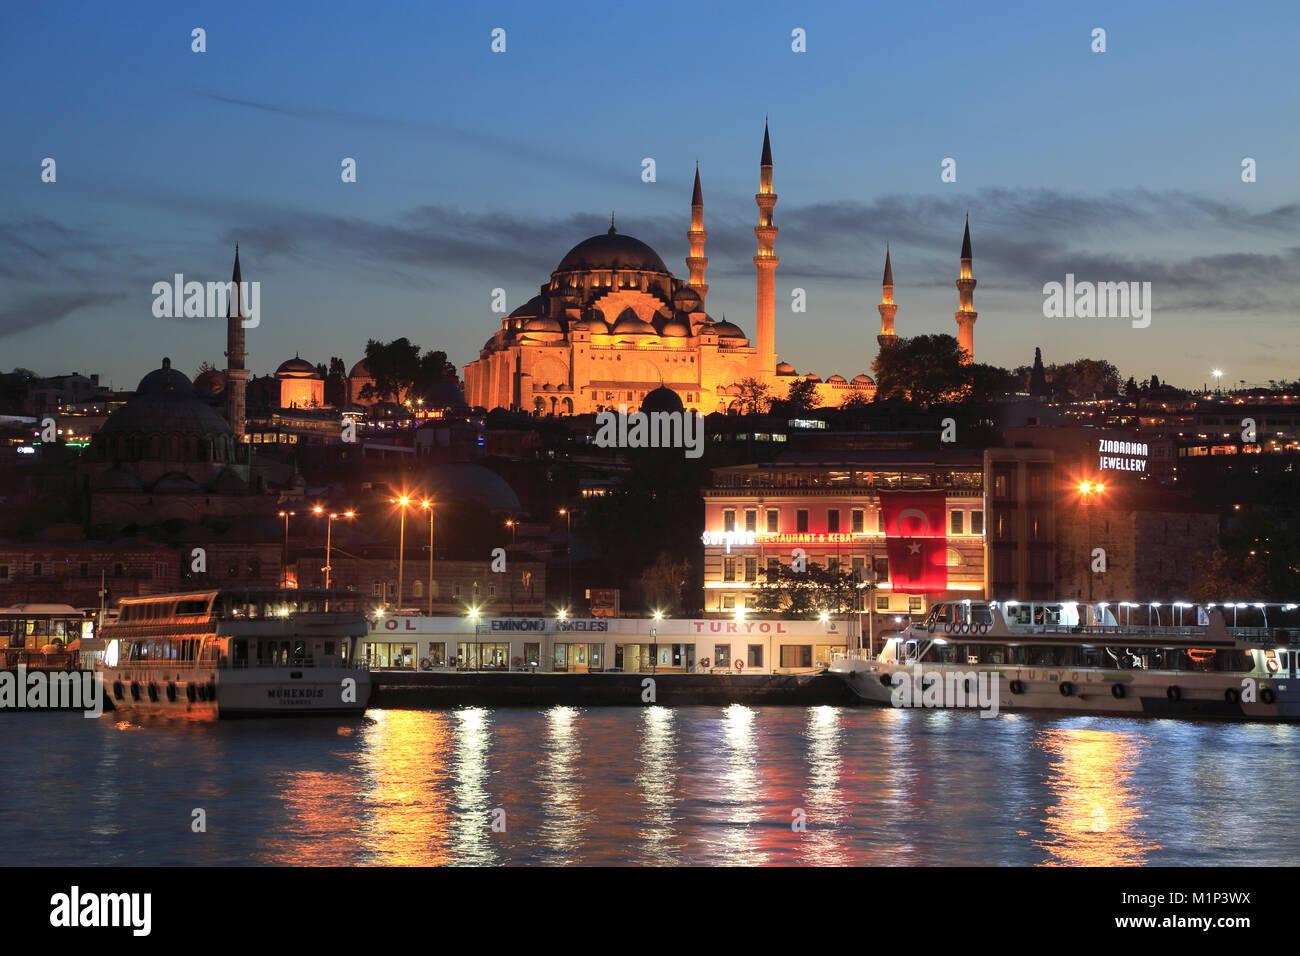 Old City, Suleymaniye Mosque at dusk, Eminonu, Golden Horn, Bosphorus, Istanbul, Turkey, Europe Stock Photo